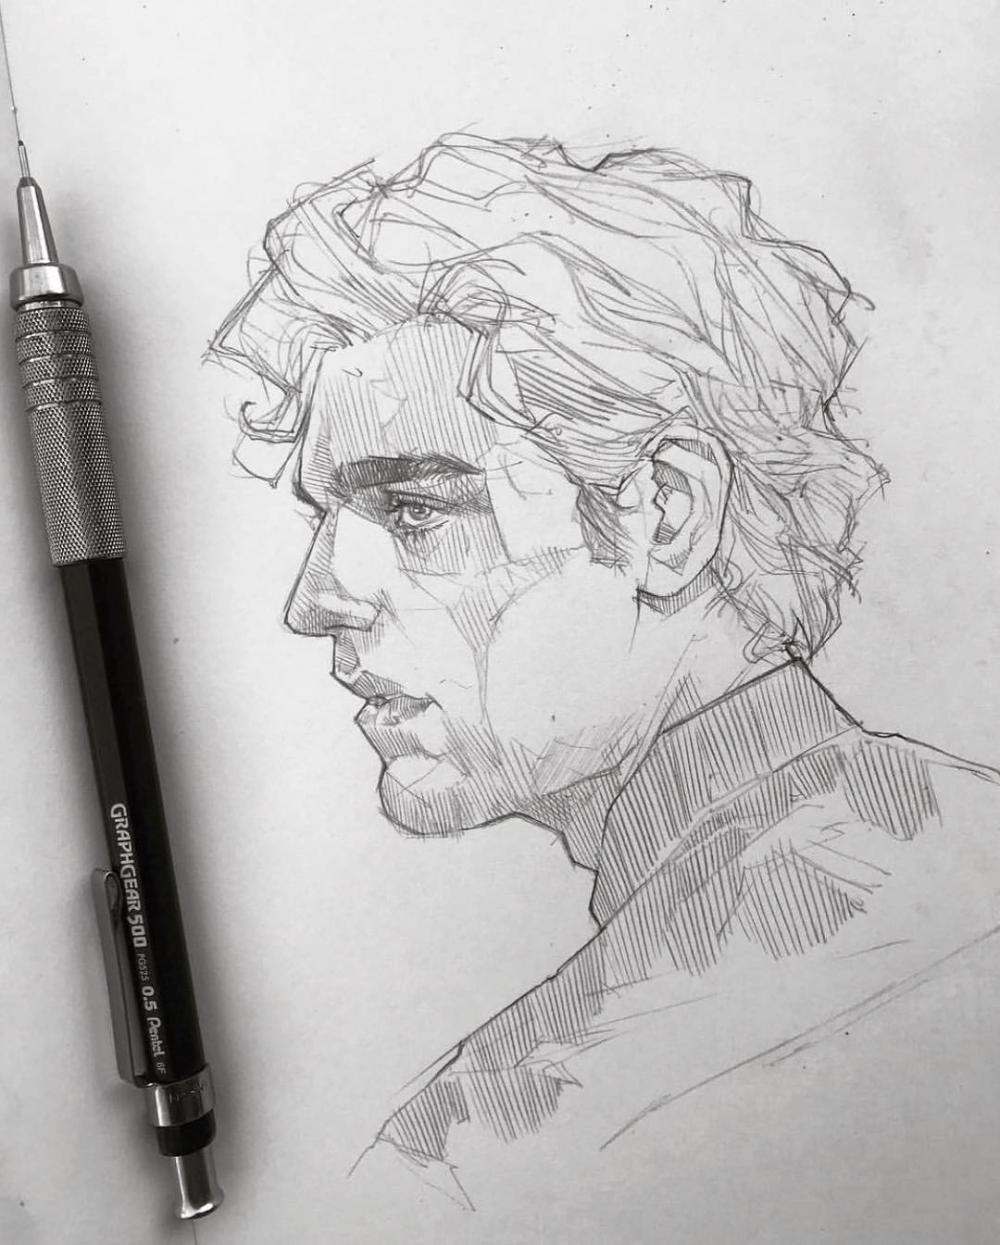 Pencil Sketch artist Efraín Malo in 2020 | Sketches ...